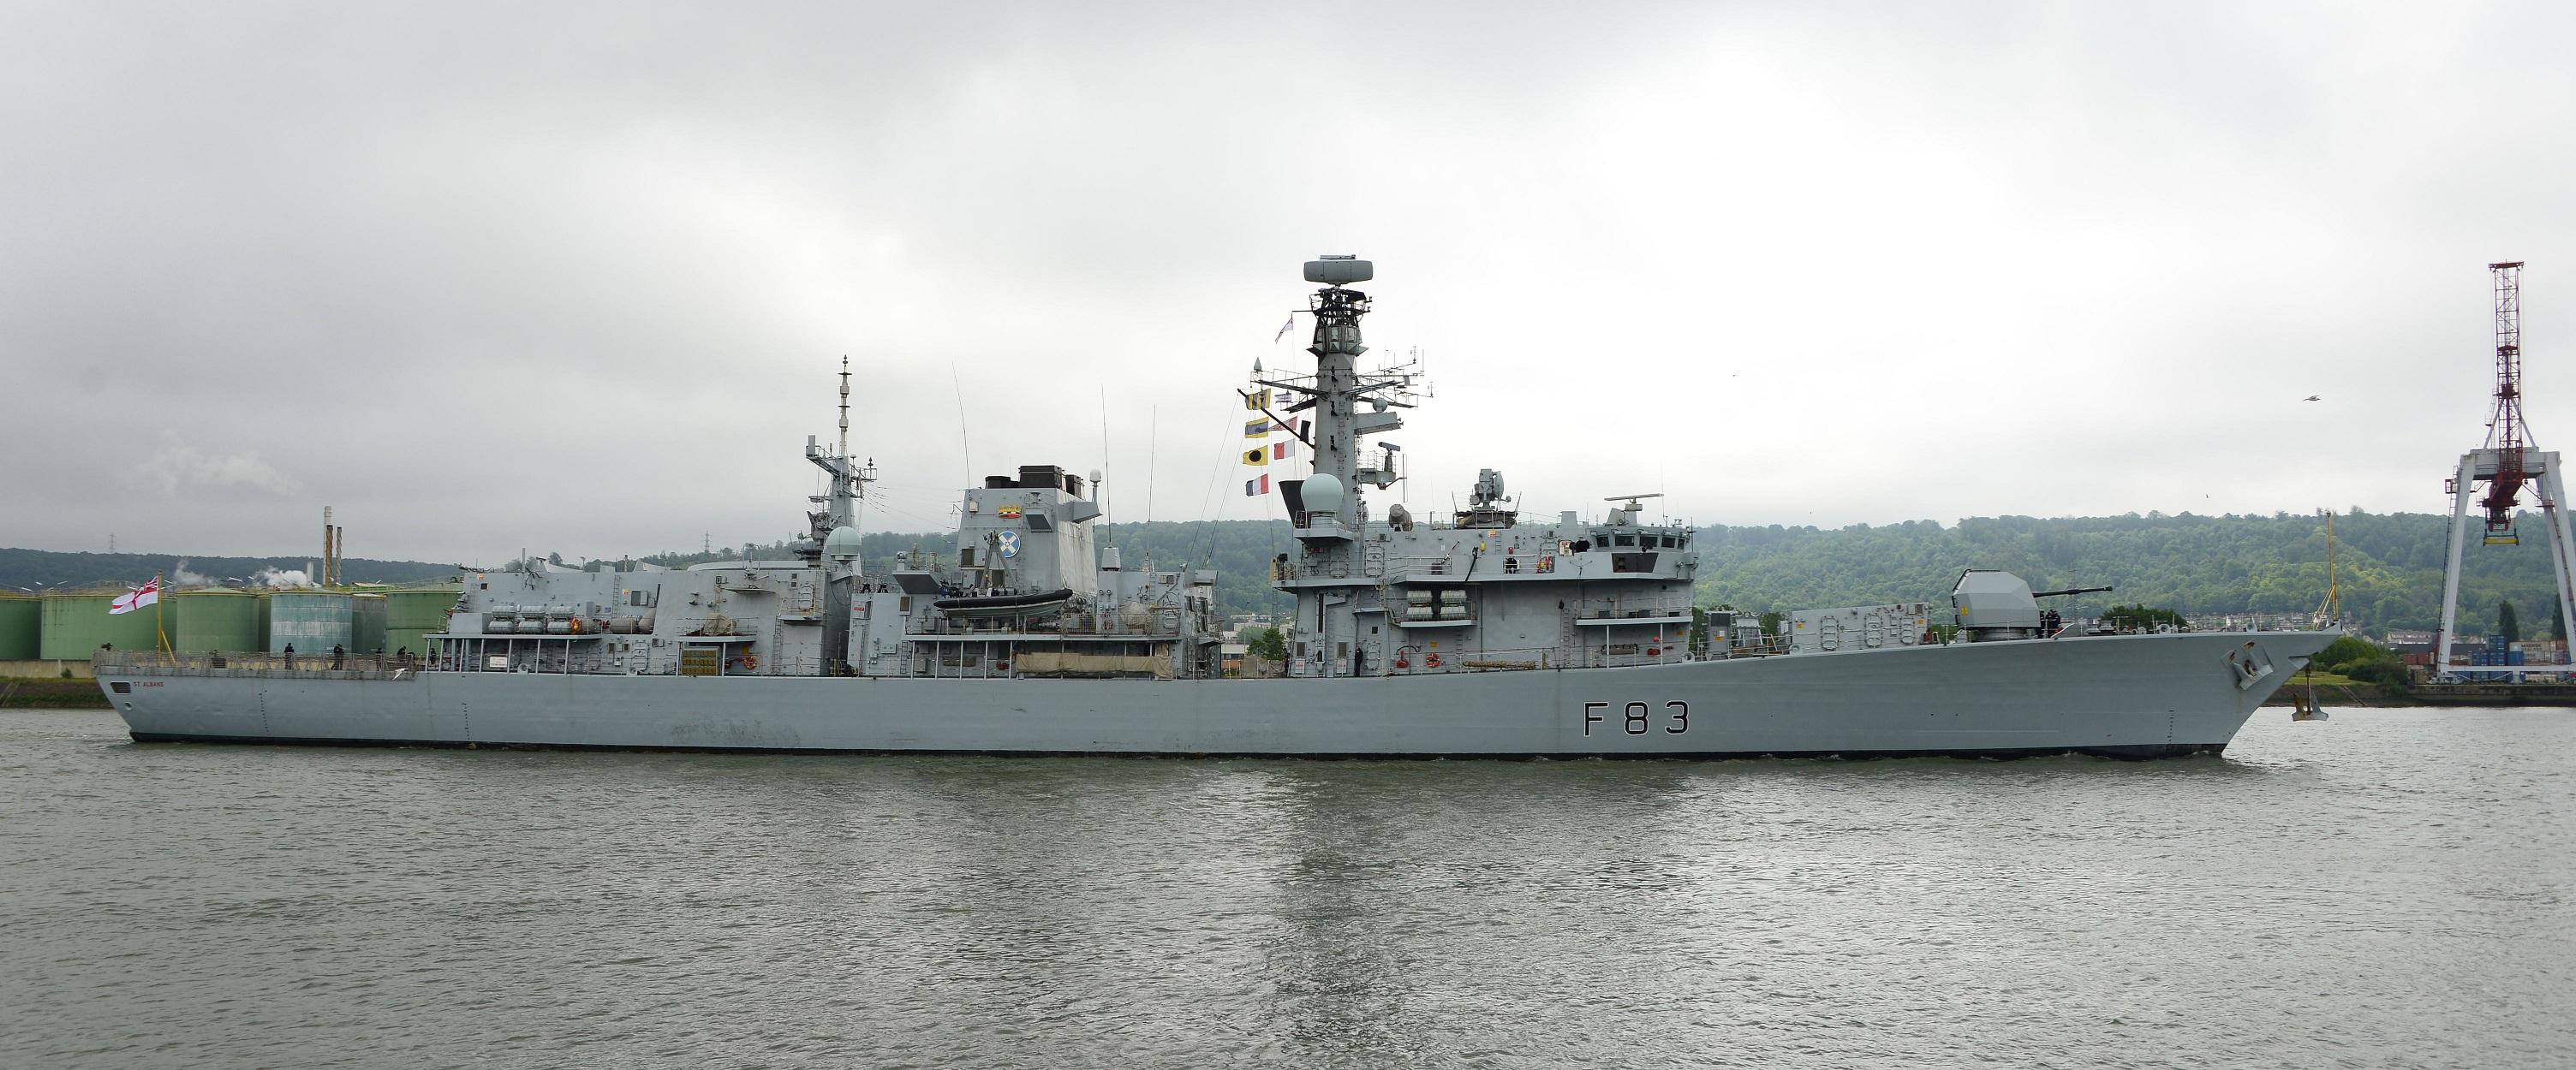 Type 23 Class frigate - Page 13 48038128133_35b50aa912_o